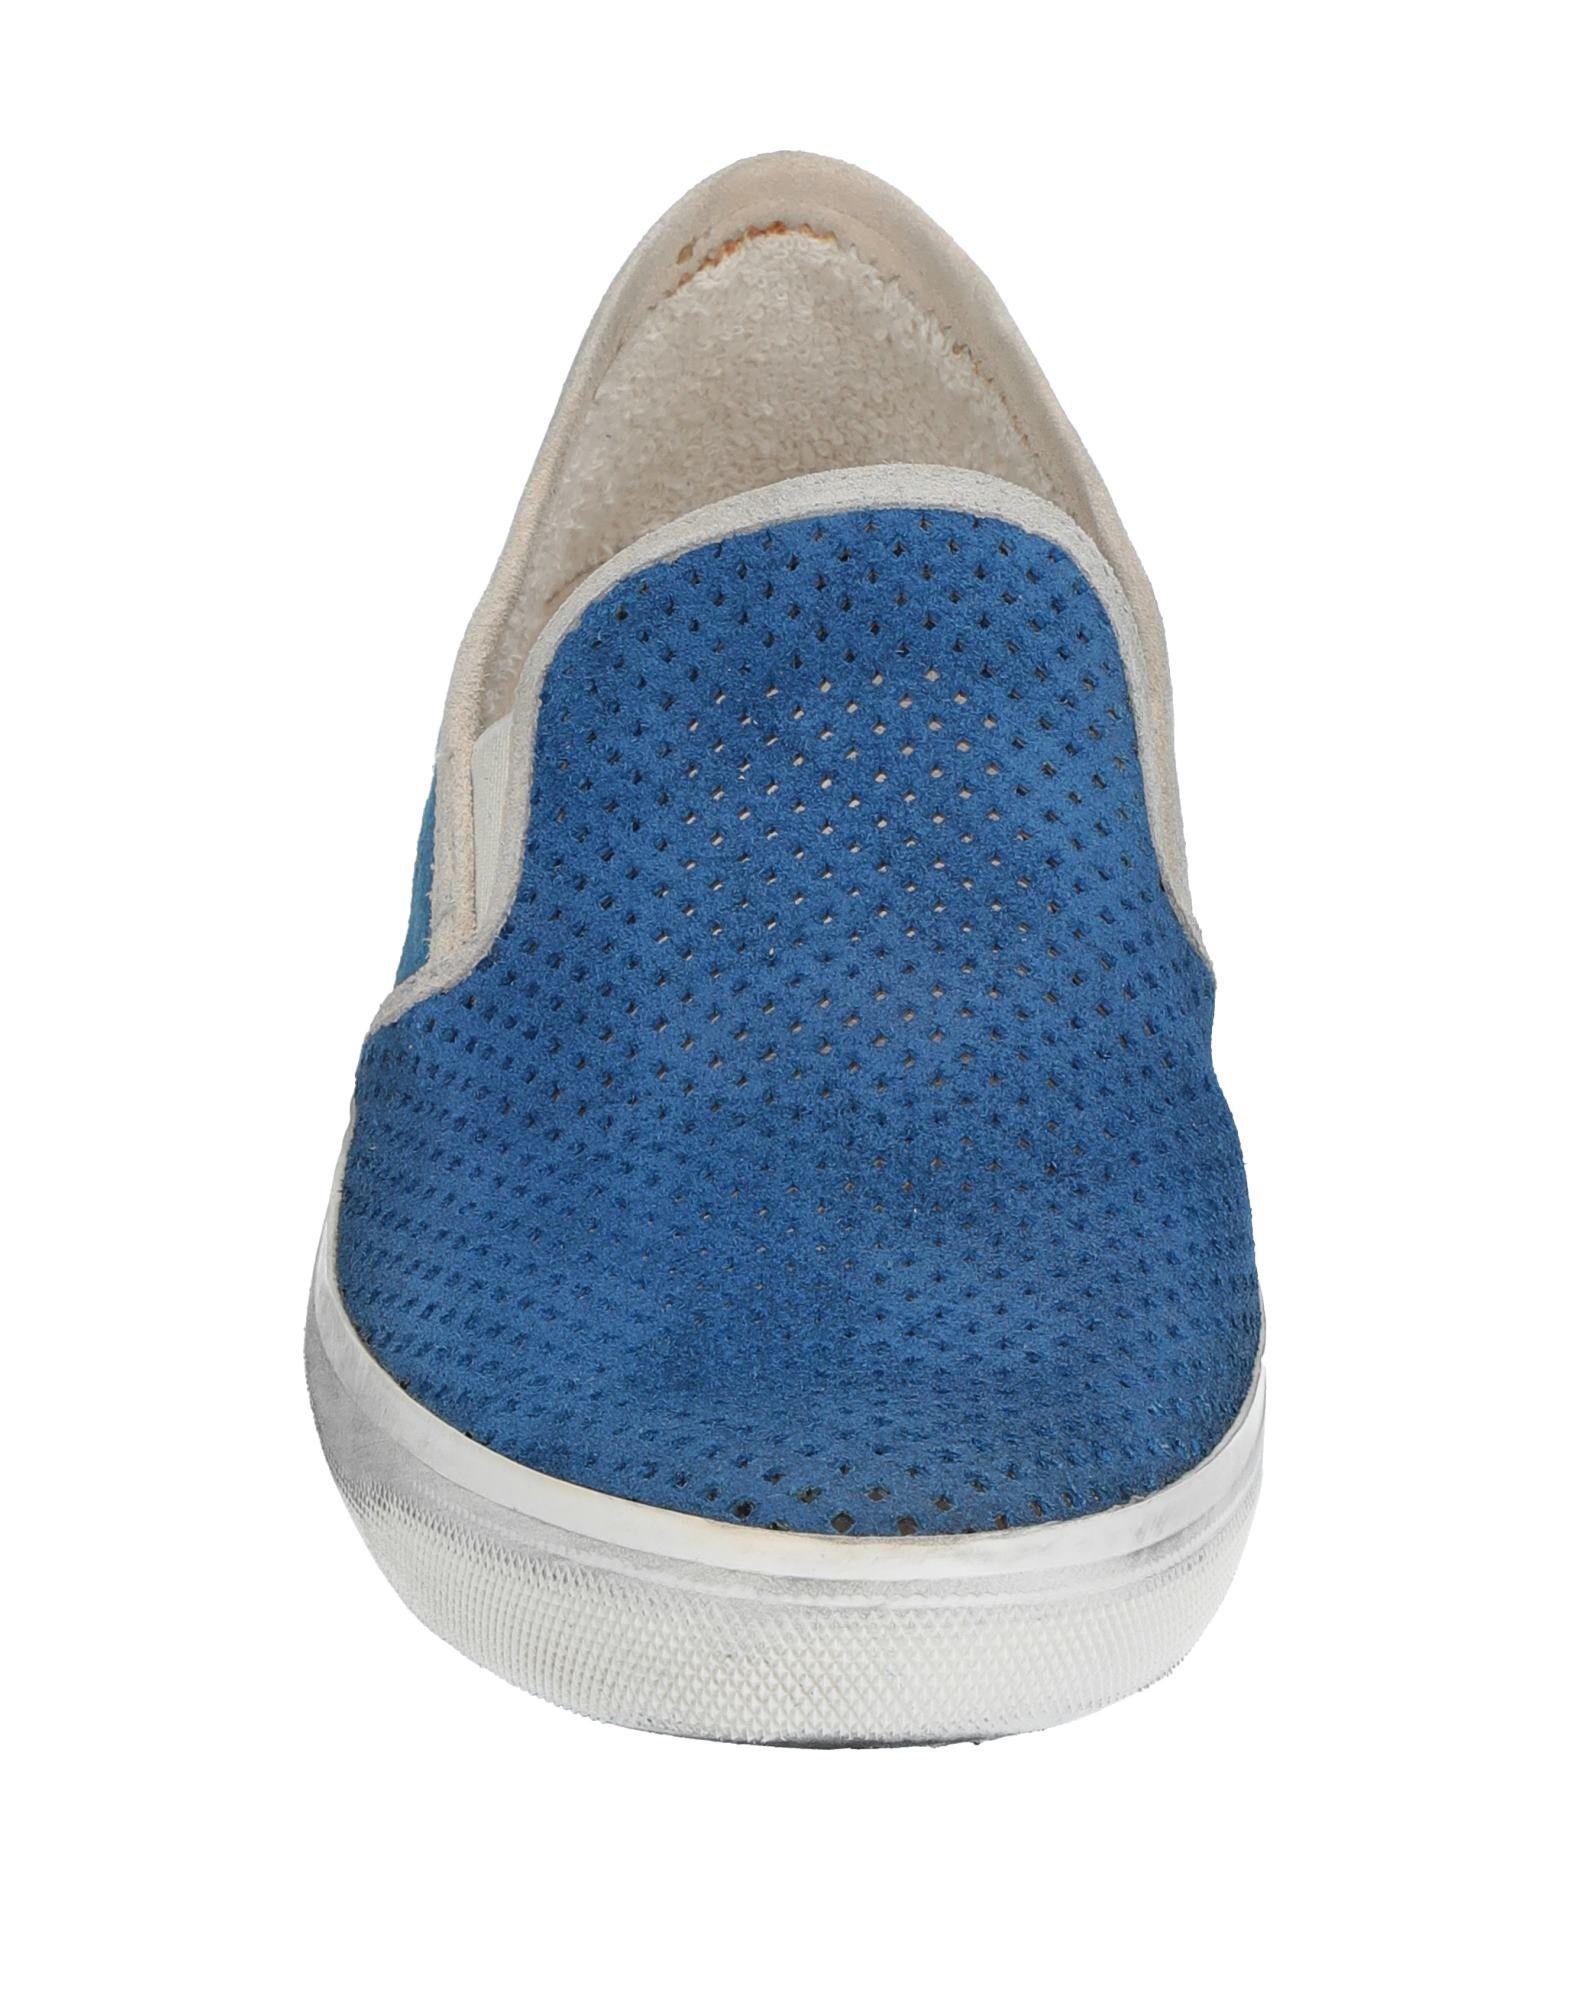 Leather Crown Sneakers Herren Neue  11425098IX Neue Herren Schuhe 22add3